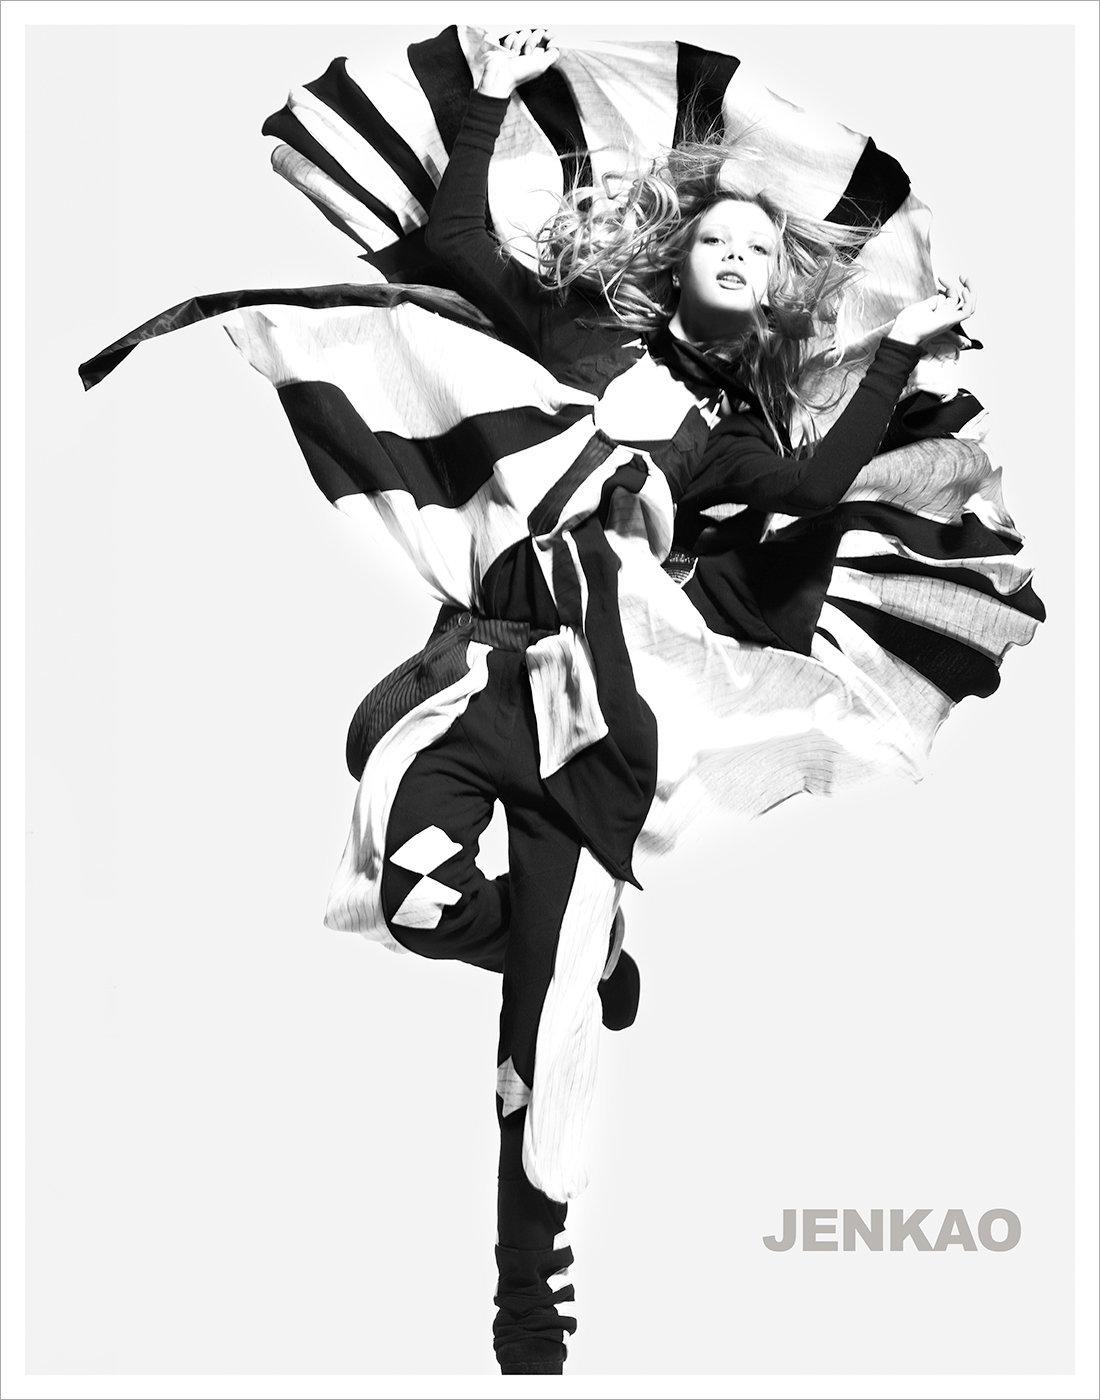 085_JenKao_05_00060_2_11X14_lr.jpg